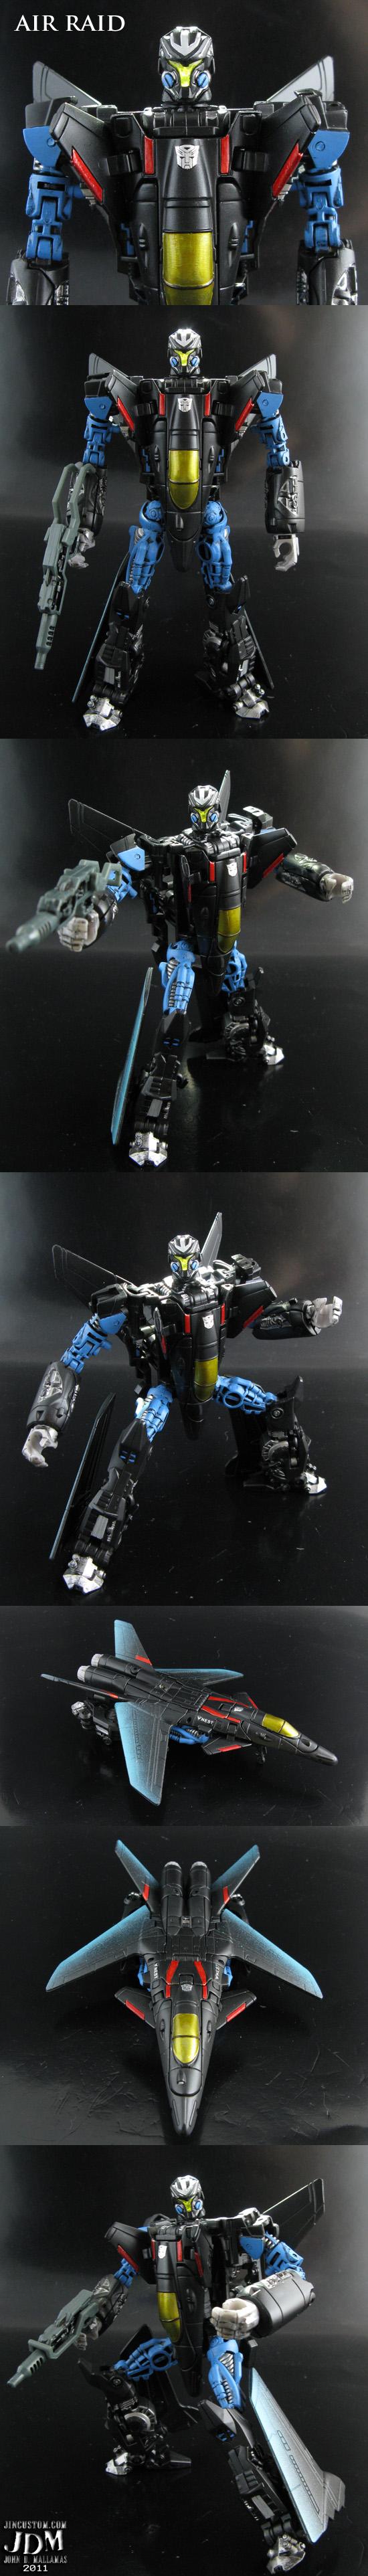 Transformers Air Raid